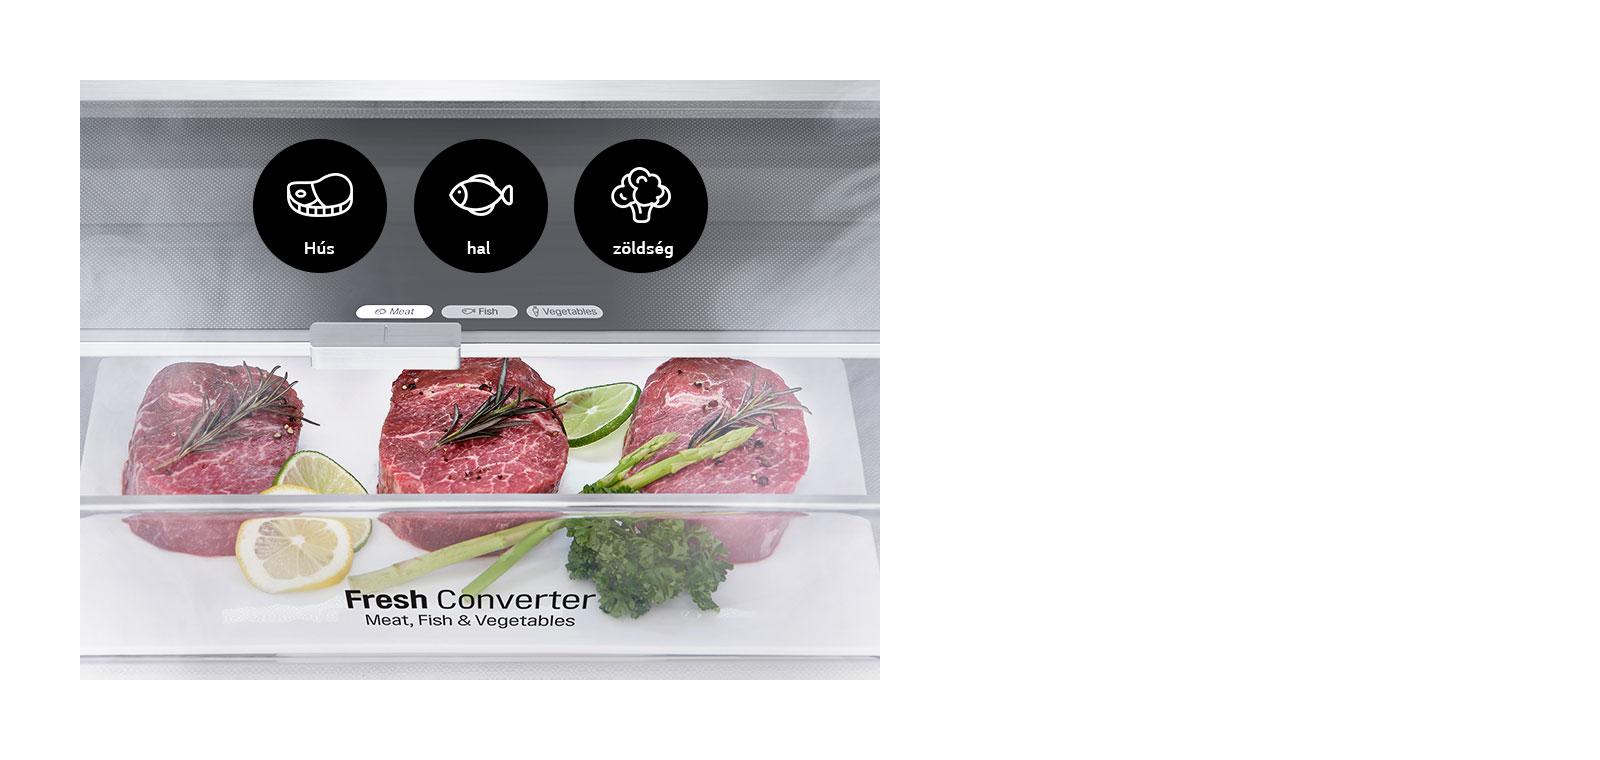 Válassza ki az optimális hőmérsékletet ételeinek1